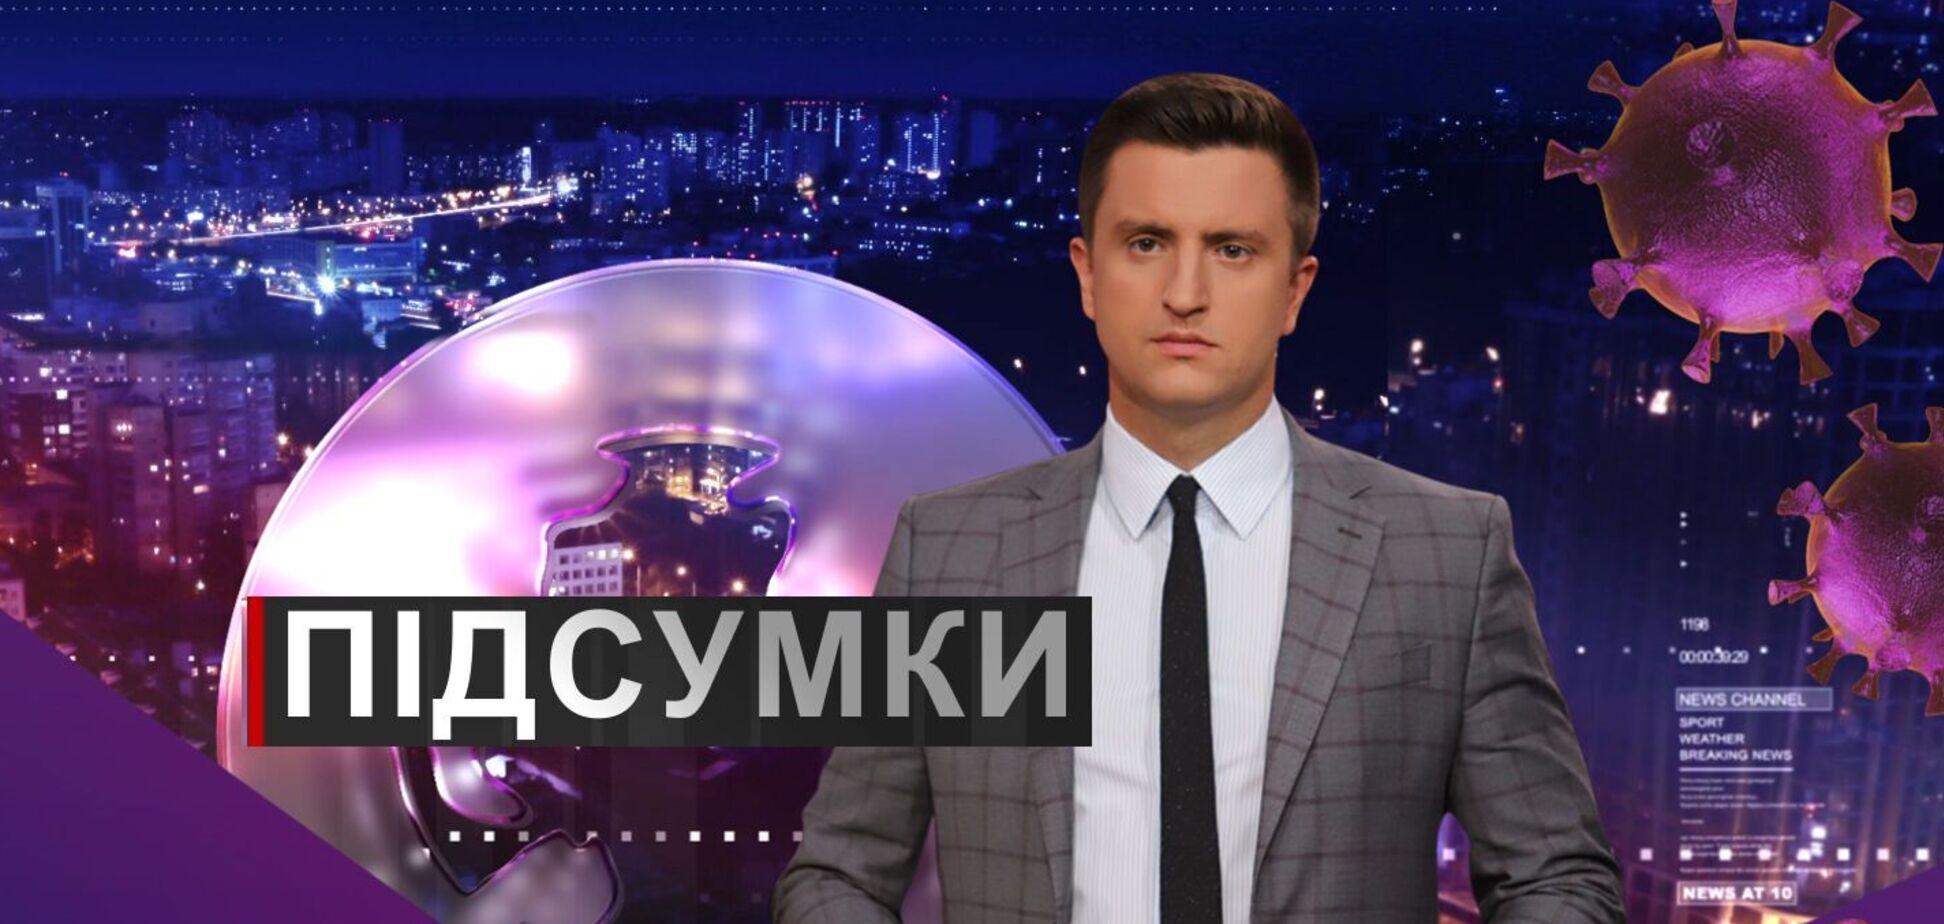 Підсумки дня з Вадимом Колодійчуком. Середа, 21 жовтня